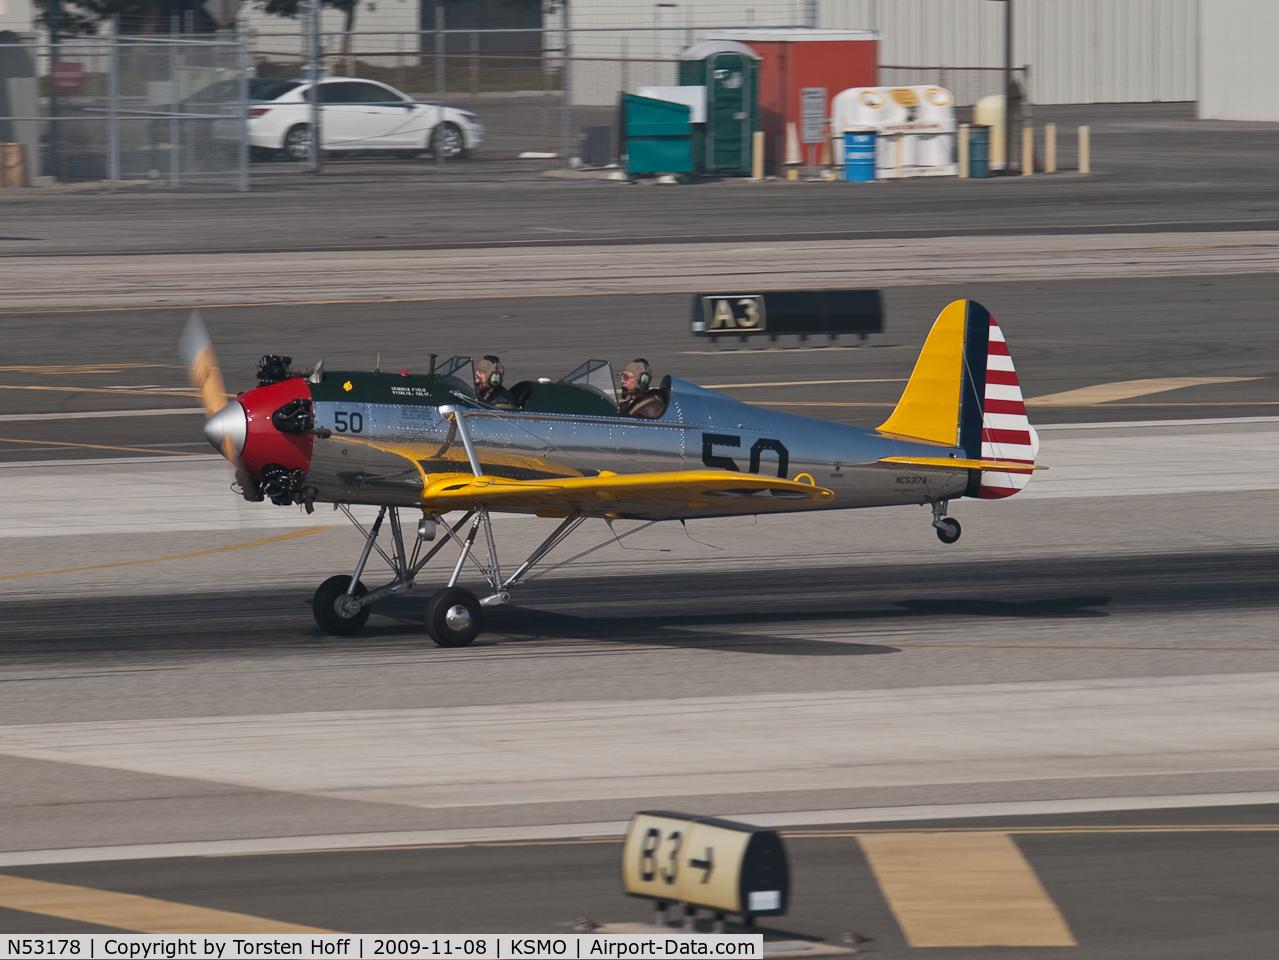 N53178, 1942 Ryan Aeronautical ST3KR C/N 1859, NC53178 departing from RWY 21